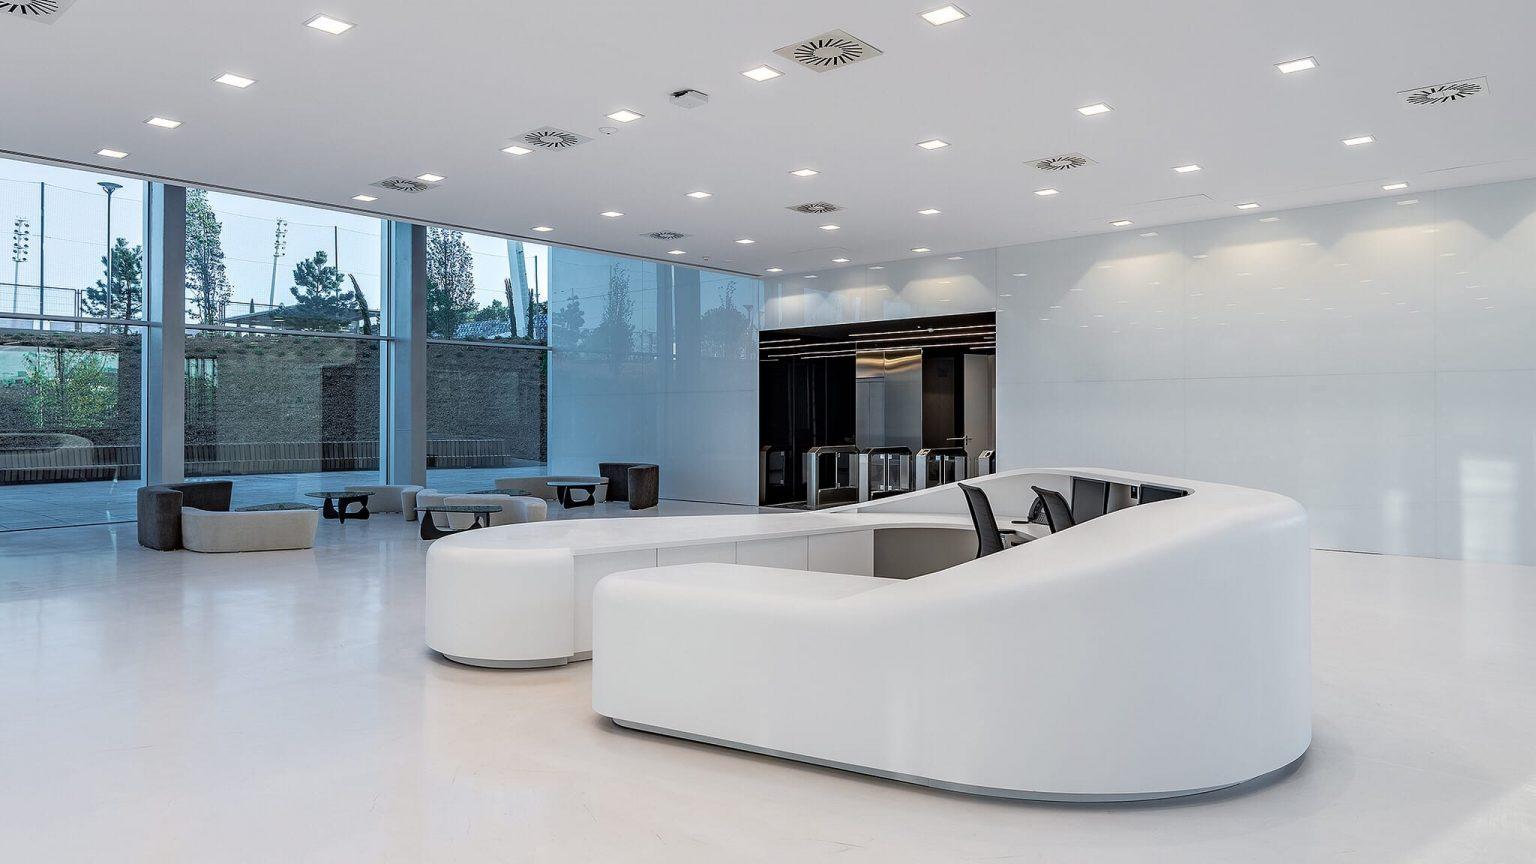 El nuevo Cuartel General del Real Madrid por dentro Img_6448